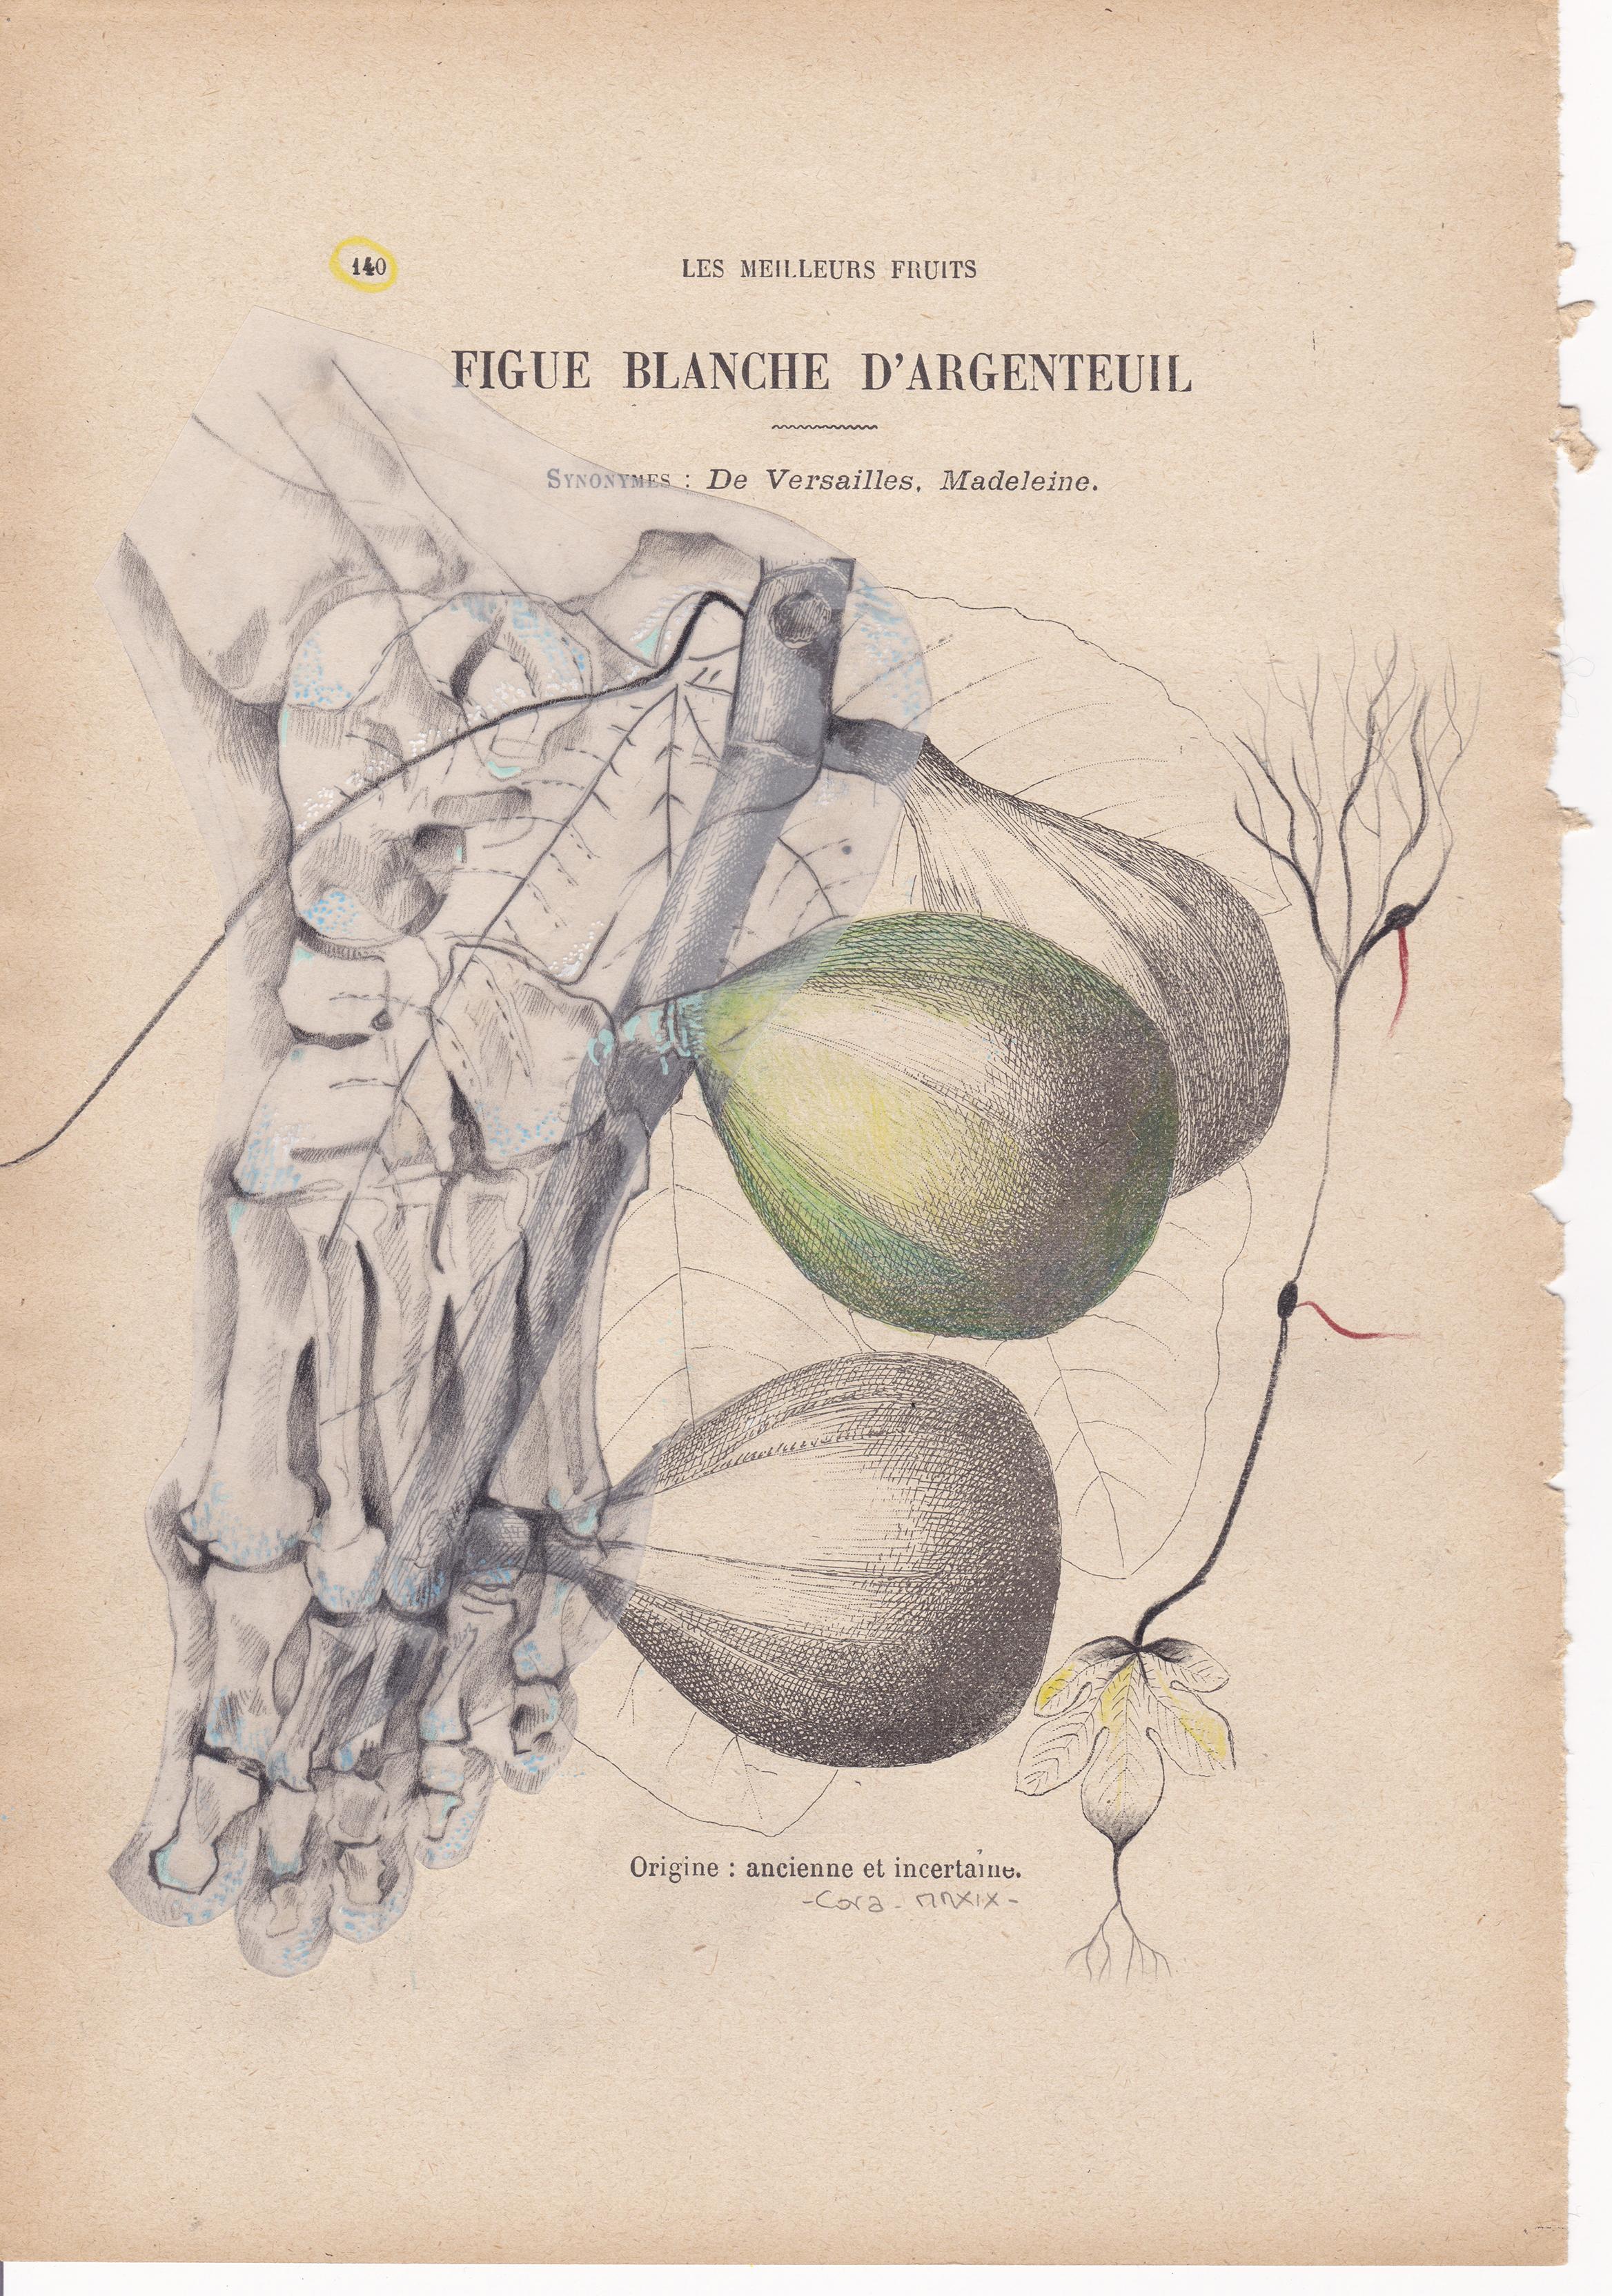 Figue Blanche d'Argenteuil